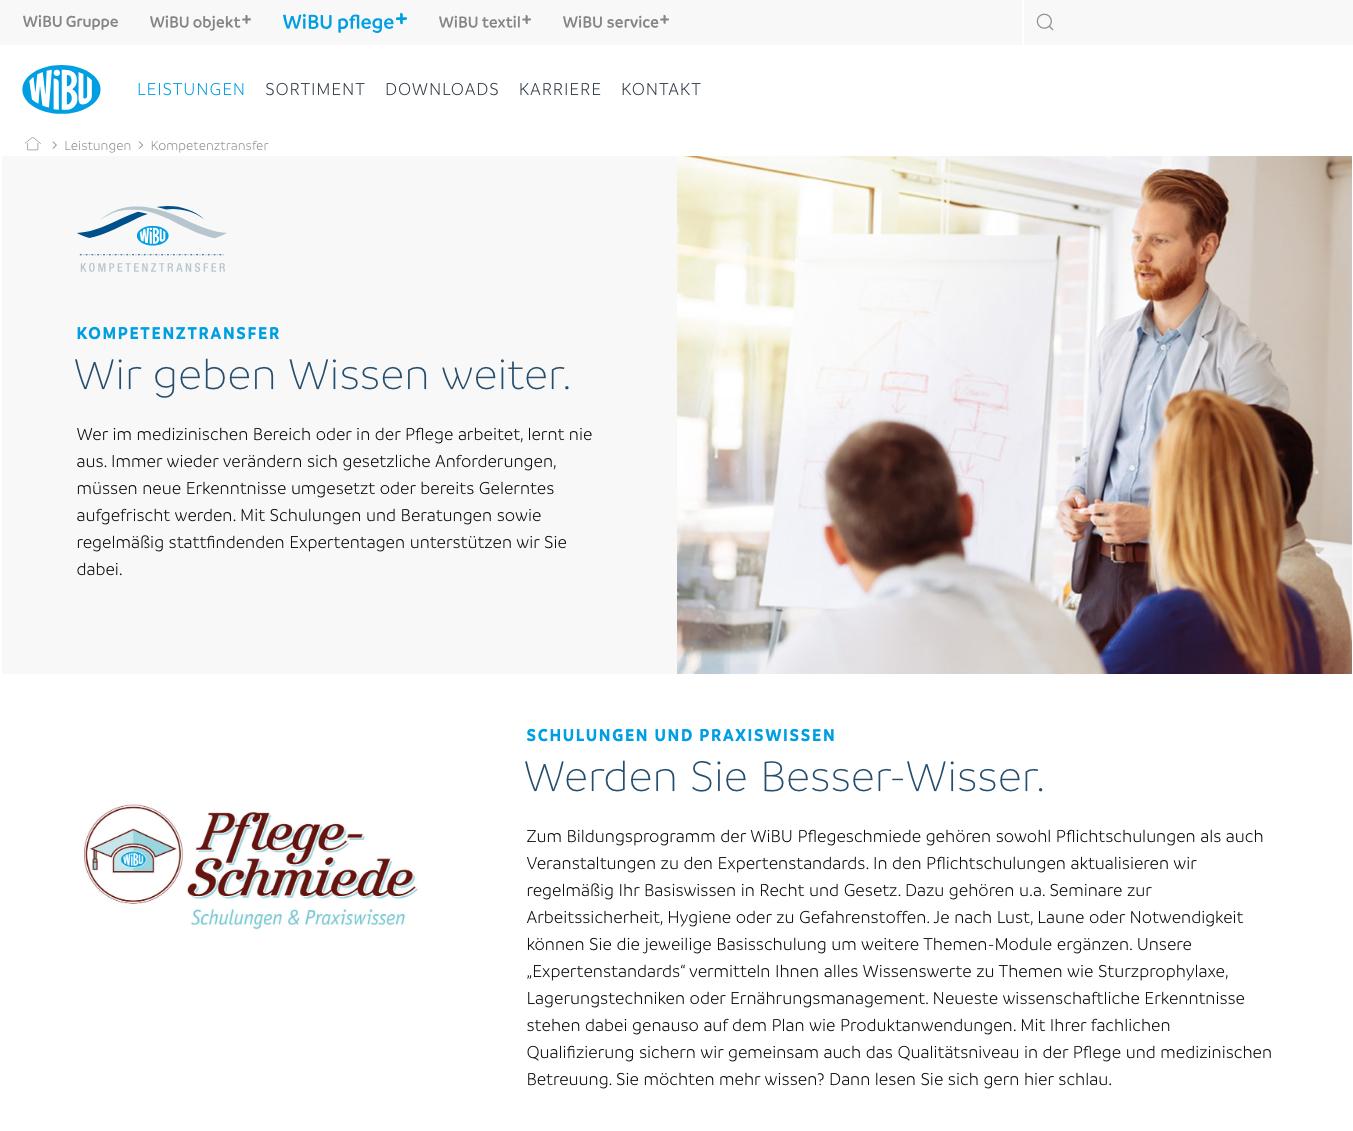 WiBU-PflegePlus_Kompetenztransfer_1.png